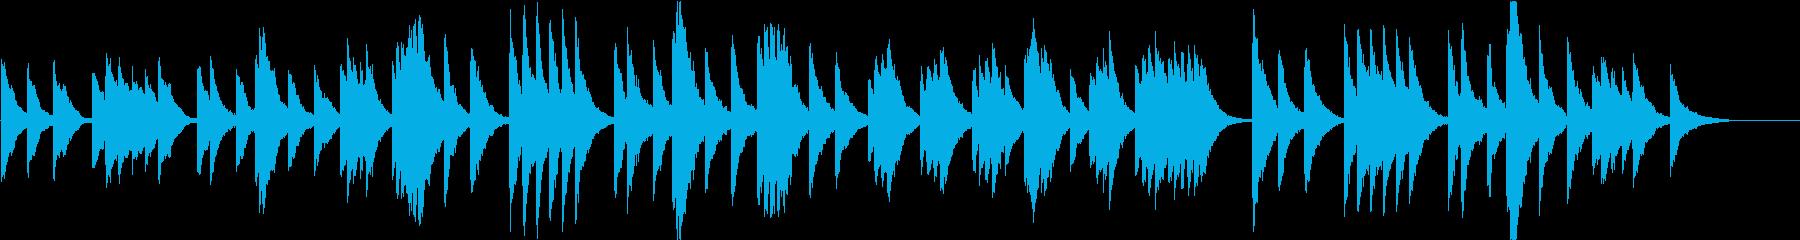 時報・チャイム風の名曲のメロディ・3の再生済みの波形